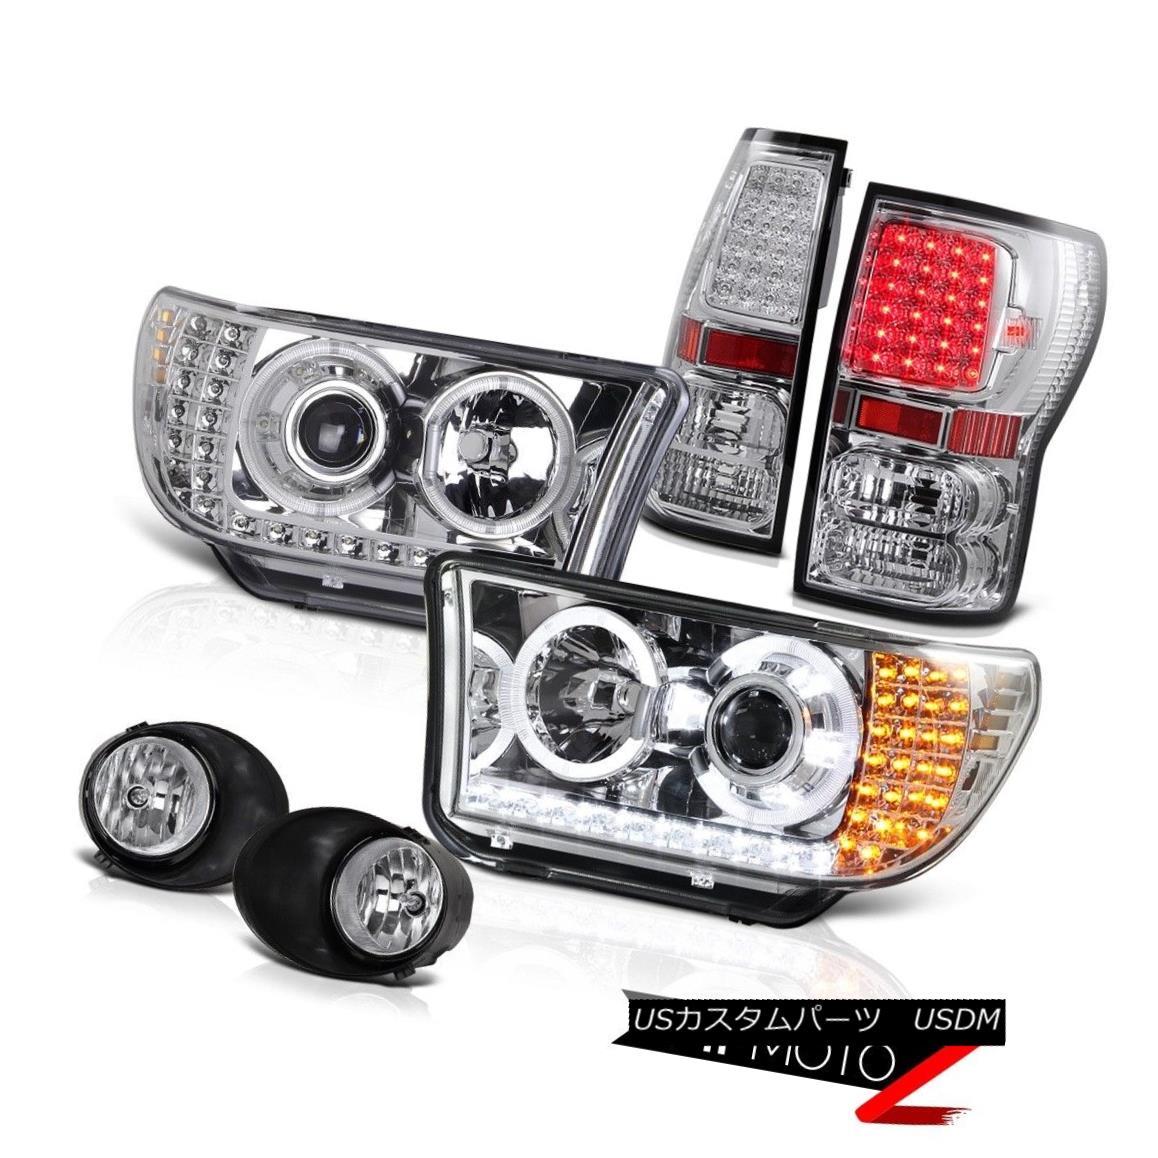 ヘッドライト 2007-13 Toyota Tundra Chrome Projector Led Headlight+Led Tail Light+Fog Lamp 2007-13トヨタトンドラクロームプロジェクターは、ヘッドライト+ Ledテールライト+フォグランプ